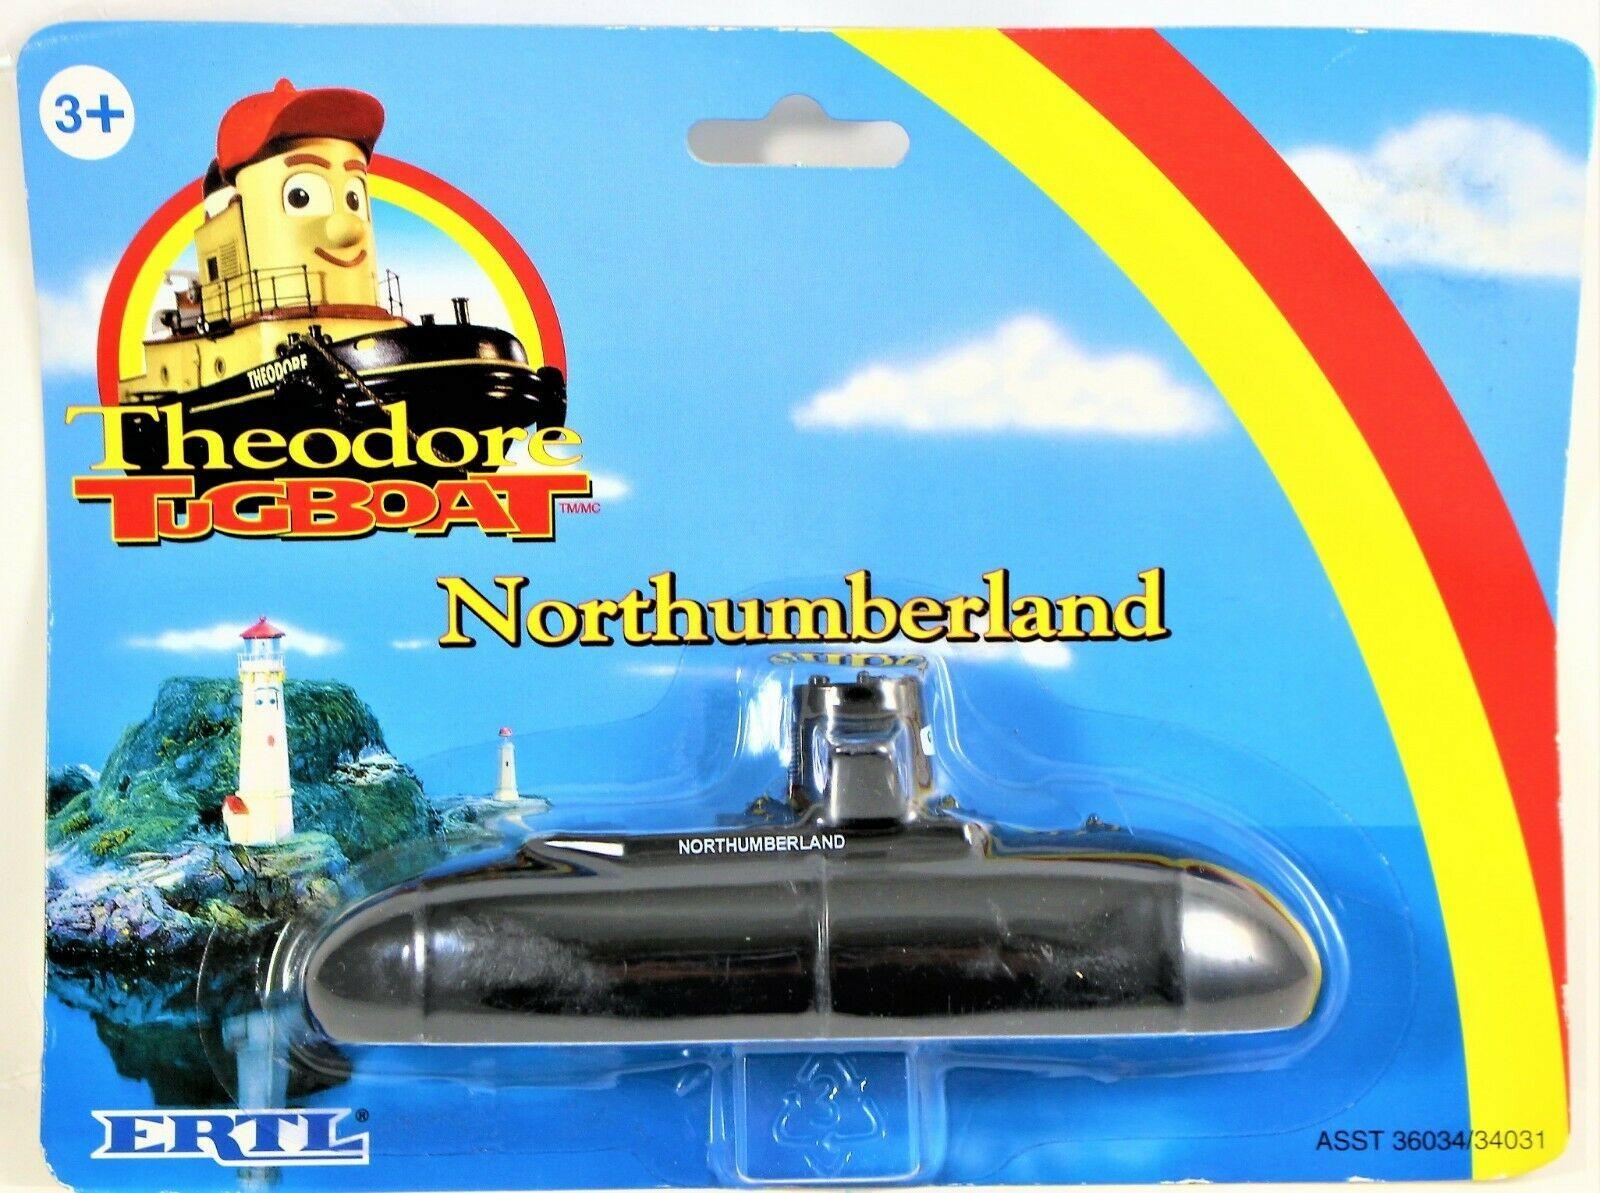 Theodore Tugboat Northumberland Submarine Diecast Metal Ertl 1998 Sealed on Card